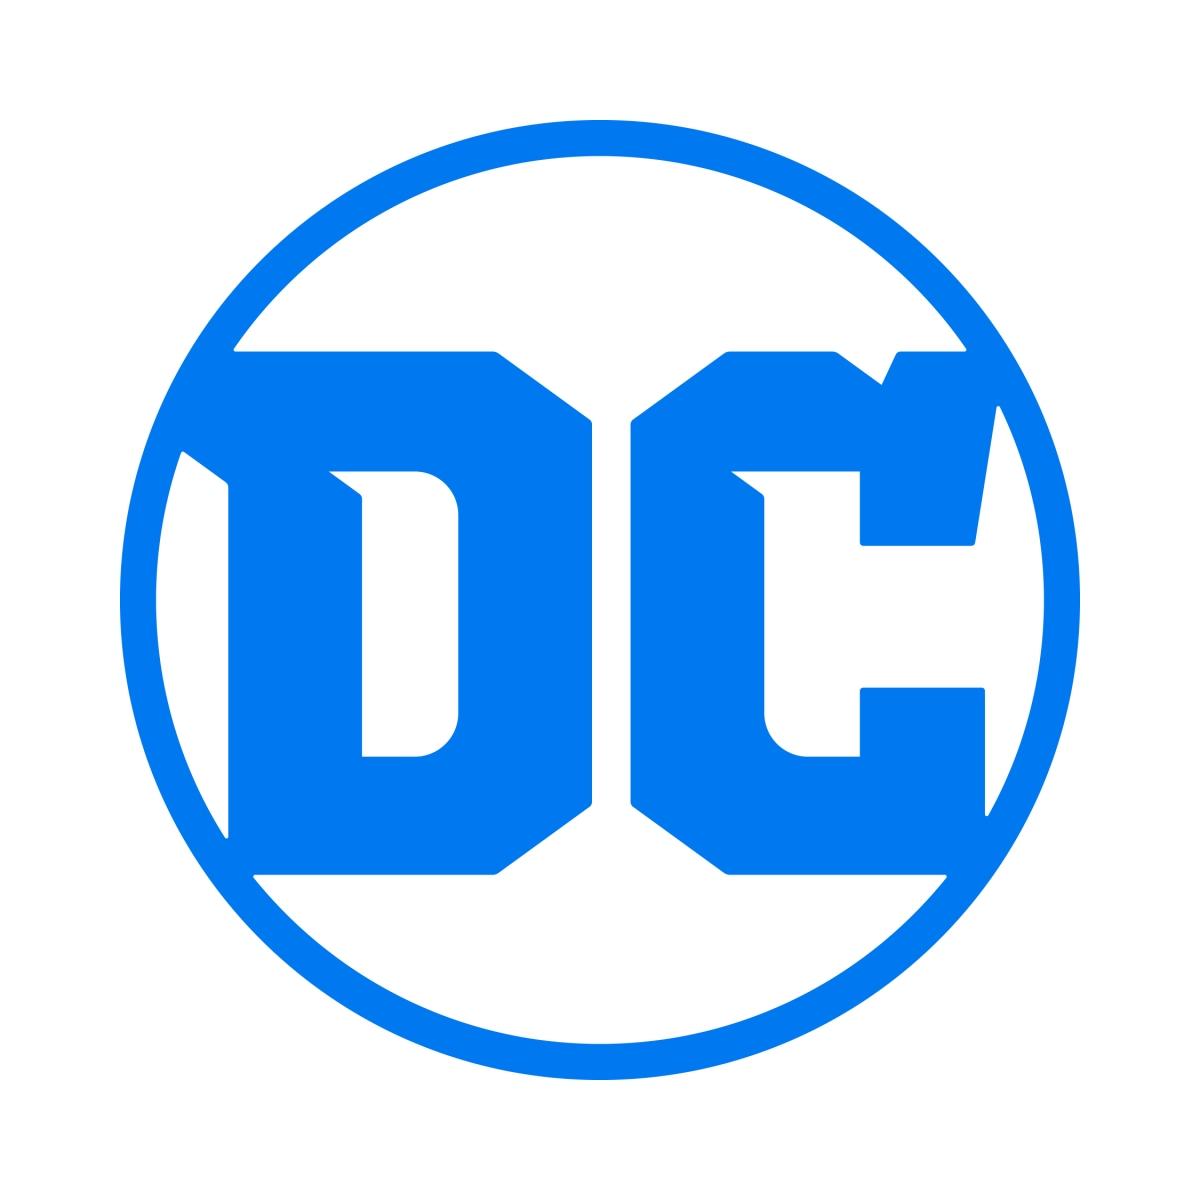 DC COMICS | EDITORA REVELA DUAS CAPAS PARA SUA NOVA SAGA EVENT LEVIATHAN